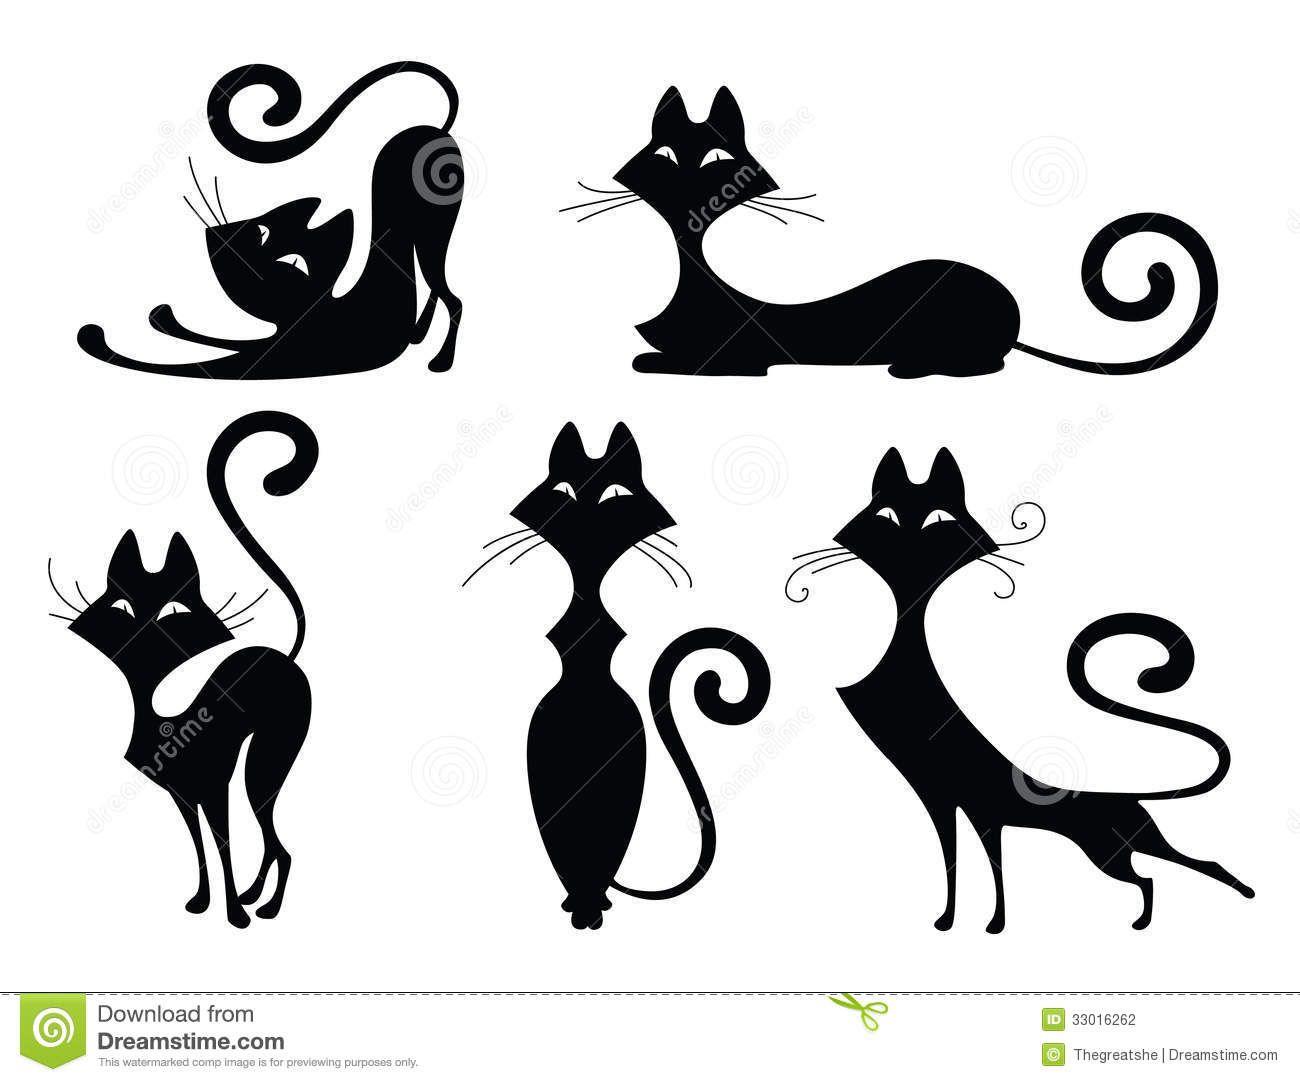 Set Of Cat Silhouettes Illustration About Abstract Kitten Halloween Tattoo Animal Cartoon Des Cat Silhouette Tattoos Black Cat Silhouette Cat Silhouette